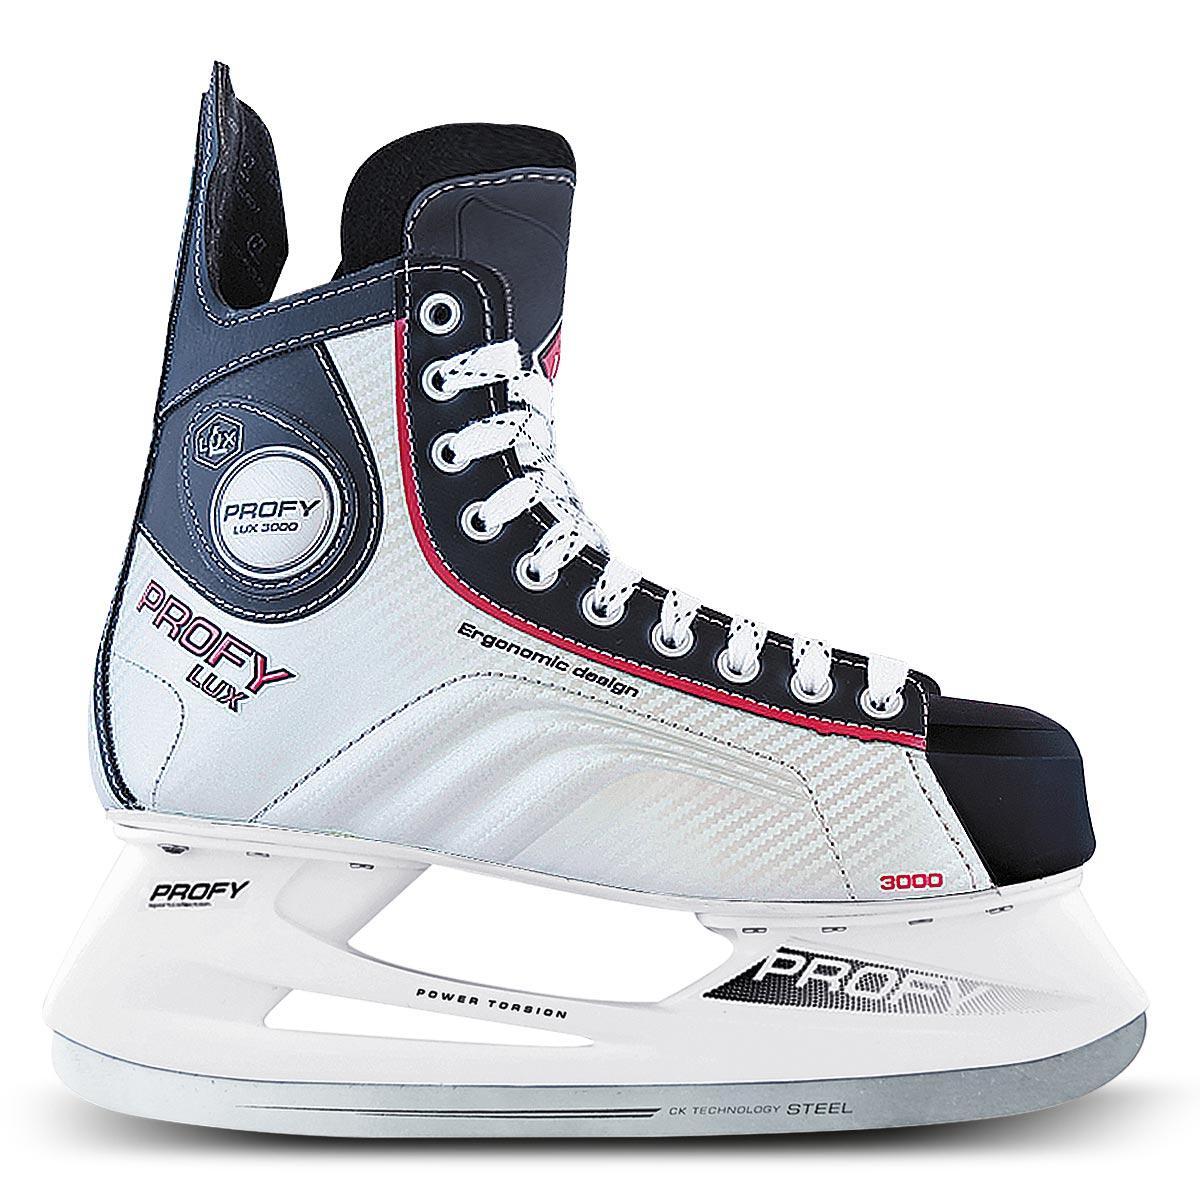 Коньки хоккейные для мальчика Profy Lux 3000 RedPROFY LUX 3000 RedСтильные коньки для мальчика от CK Profy Lux 3000 Blue прекрасно подойдут для начинающих игроков в хоккей. Ботинок выполнен из морозоустойчивой искусственной кожи и ПВХ с высокой, плотной колодкой и усиленным задником, обеспечивающим боковую поддержку ноги. Мыс дополнен вставкой, которая защитит ноги от ударов. Внутренний слой и стелька изготовлены из мягкого трикотажа, который обеспечит тепло и комфорт во время катания, язычок - из войлока. Плотная шнуровка надежно фиксирует модель на ноге. Голеностоп имеет удобный суппорт. По бокам, на язычке и заднике коньки декорированы принтом и тиснением в виде логотипа бренда. Подошва - из твердого пластика. Стойка выполнена из ударопрочного поливинилхлорида. Лезвие из нержавеющей стали обеспечит превосходное скольжение. Оригинальные коньки придутся по душе вашему ребенку.